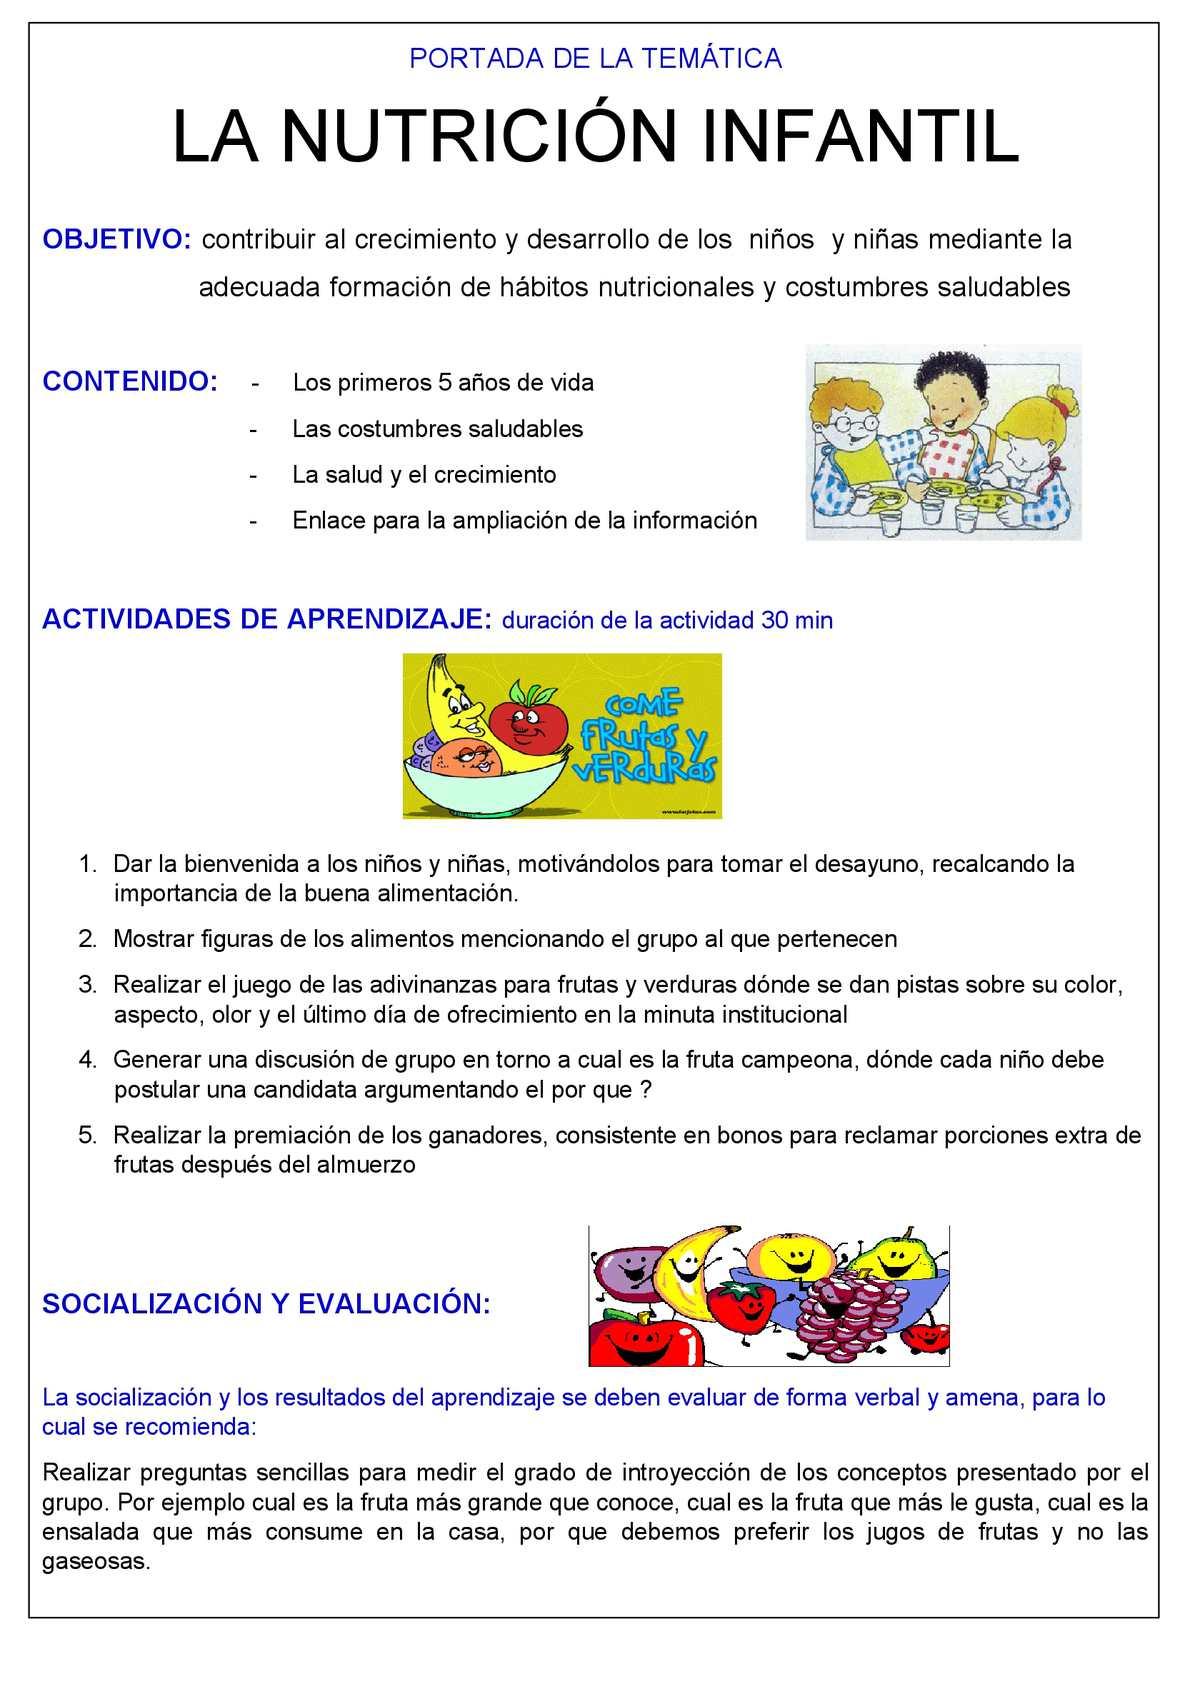 importancia de la buena nutricion en los niños